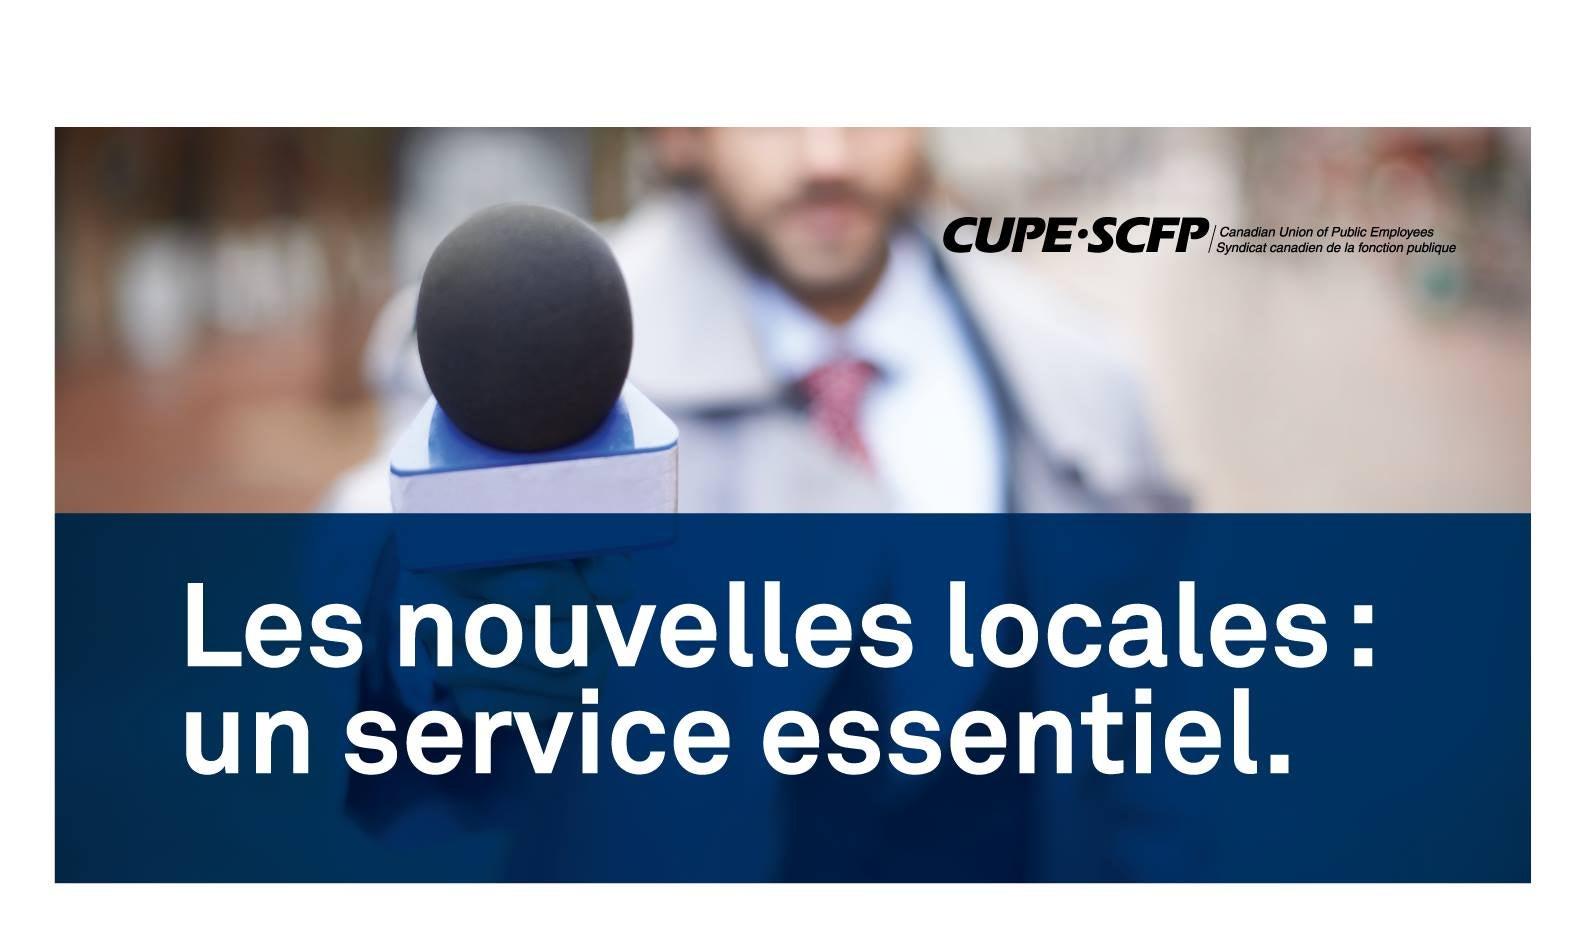 nouvelles_locales_service_essentiel_fr